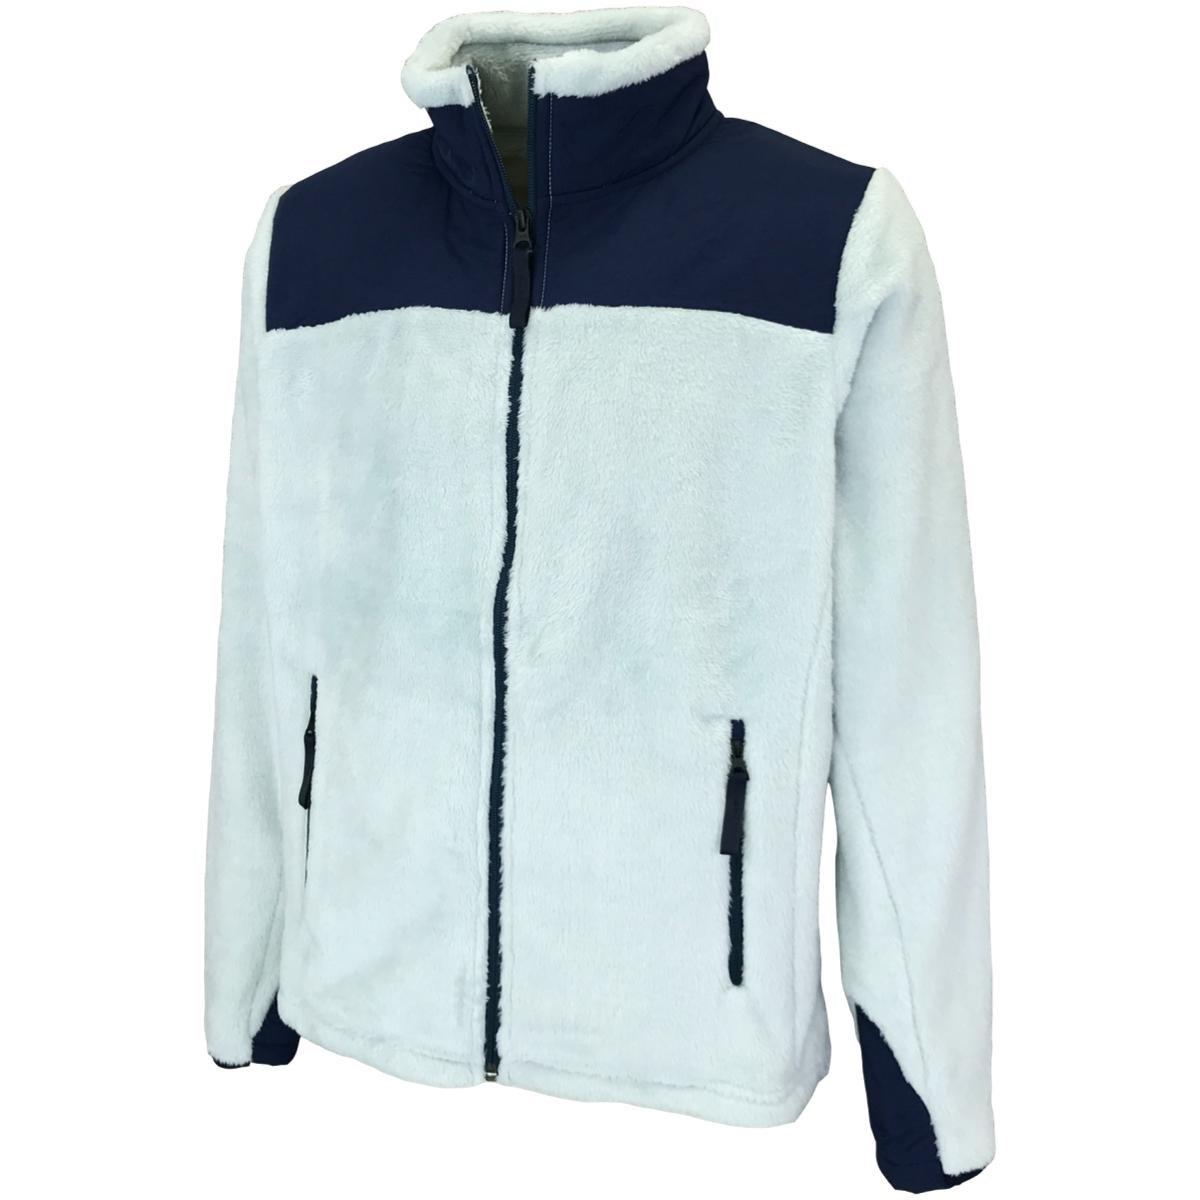 キャスコ(KASCO) フリースジャケット